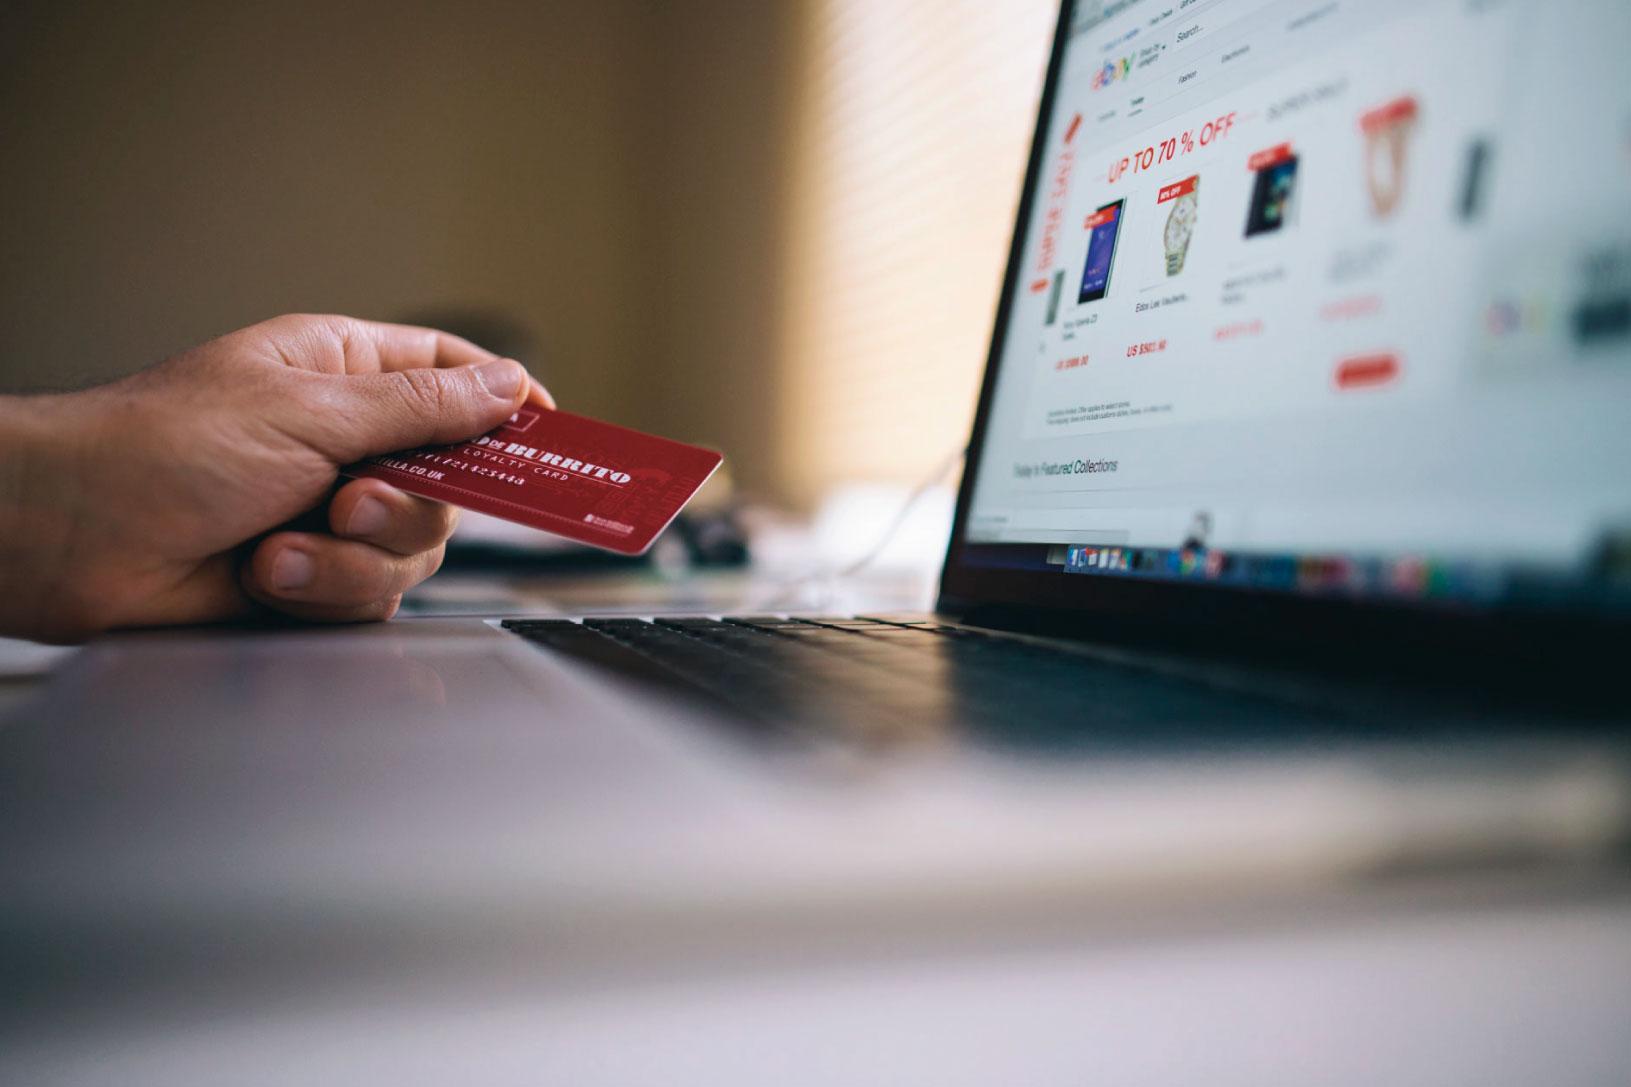 ¿Cómo se comportan los consumidores?